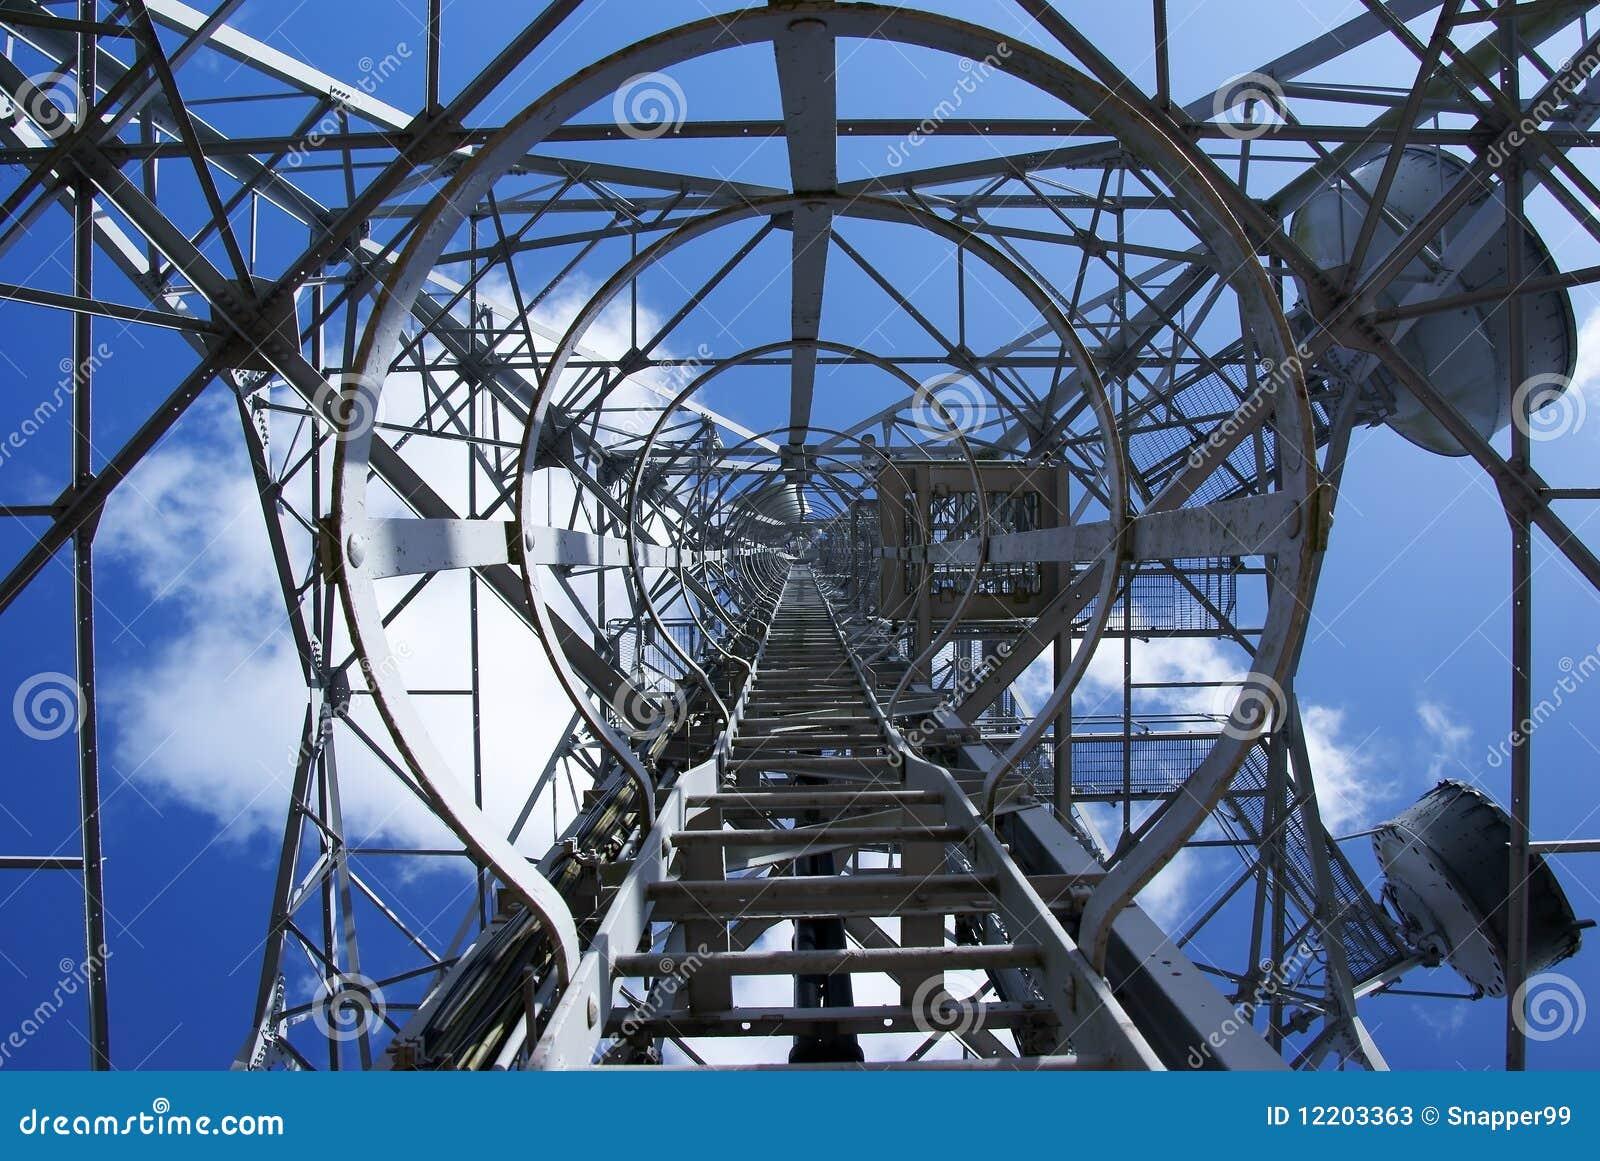 Telekommunikations-Kontrollturm 6